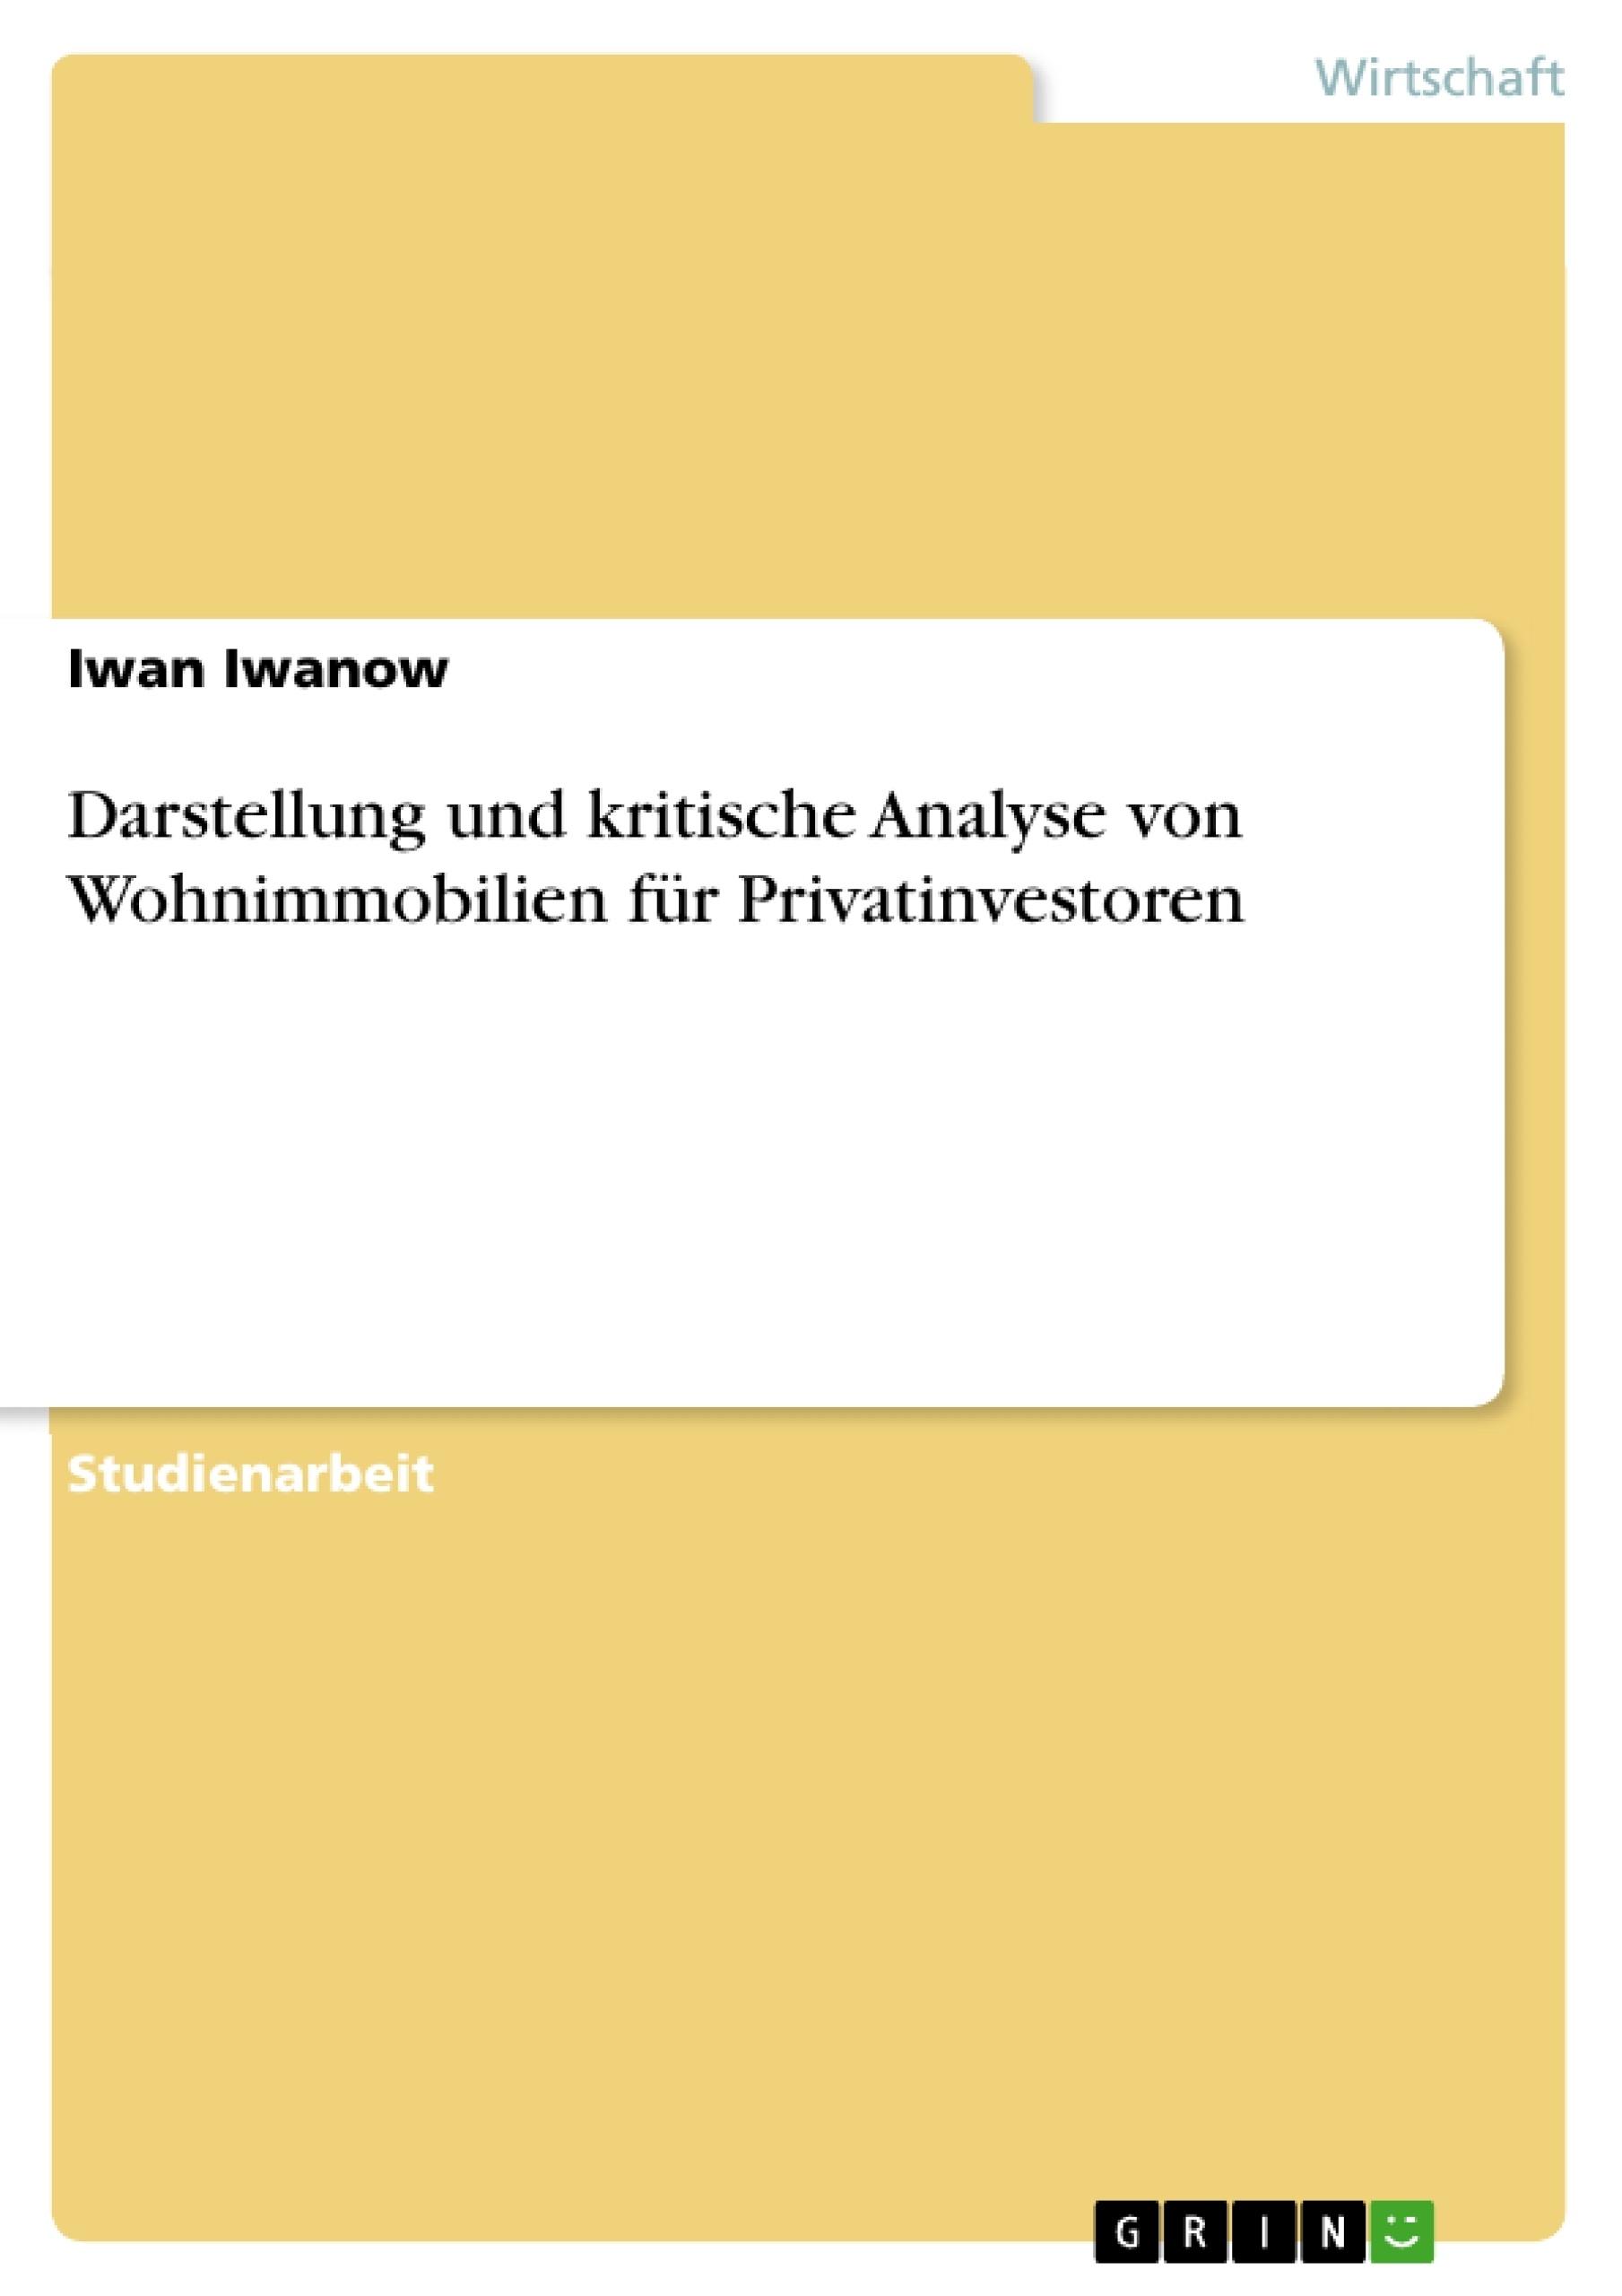 Titel: Darstellung und kritische Analyse von Wohnimmobilien für Privatinvestoren